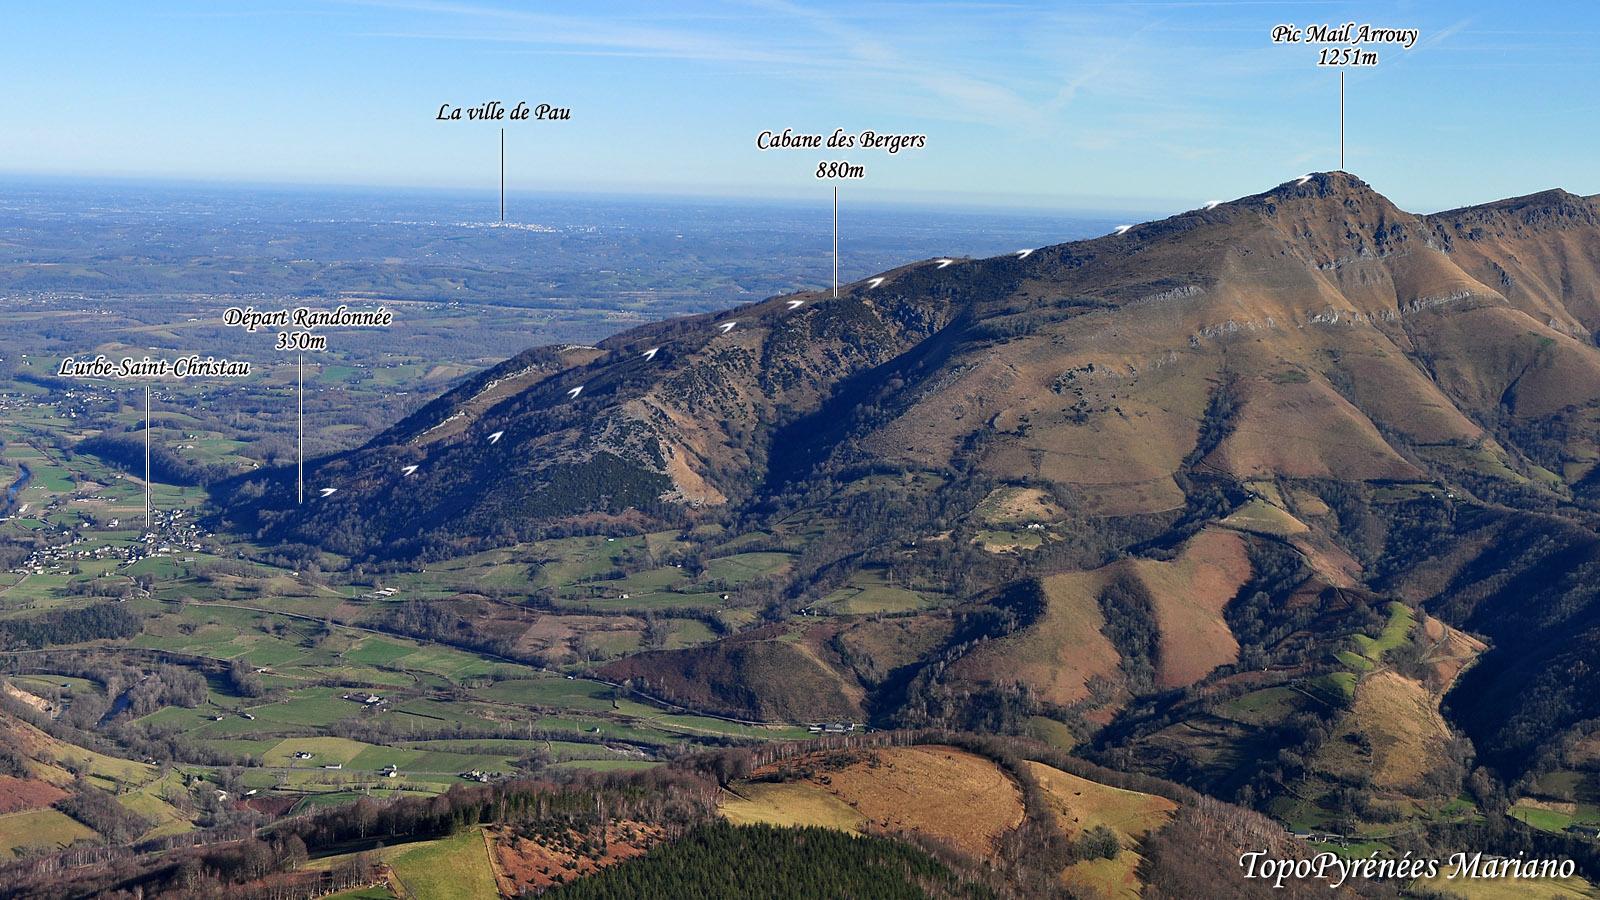 Randonnée à la cabane des Bergers (880m) et au Pic Mail Arrouy (1251m)